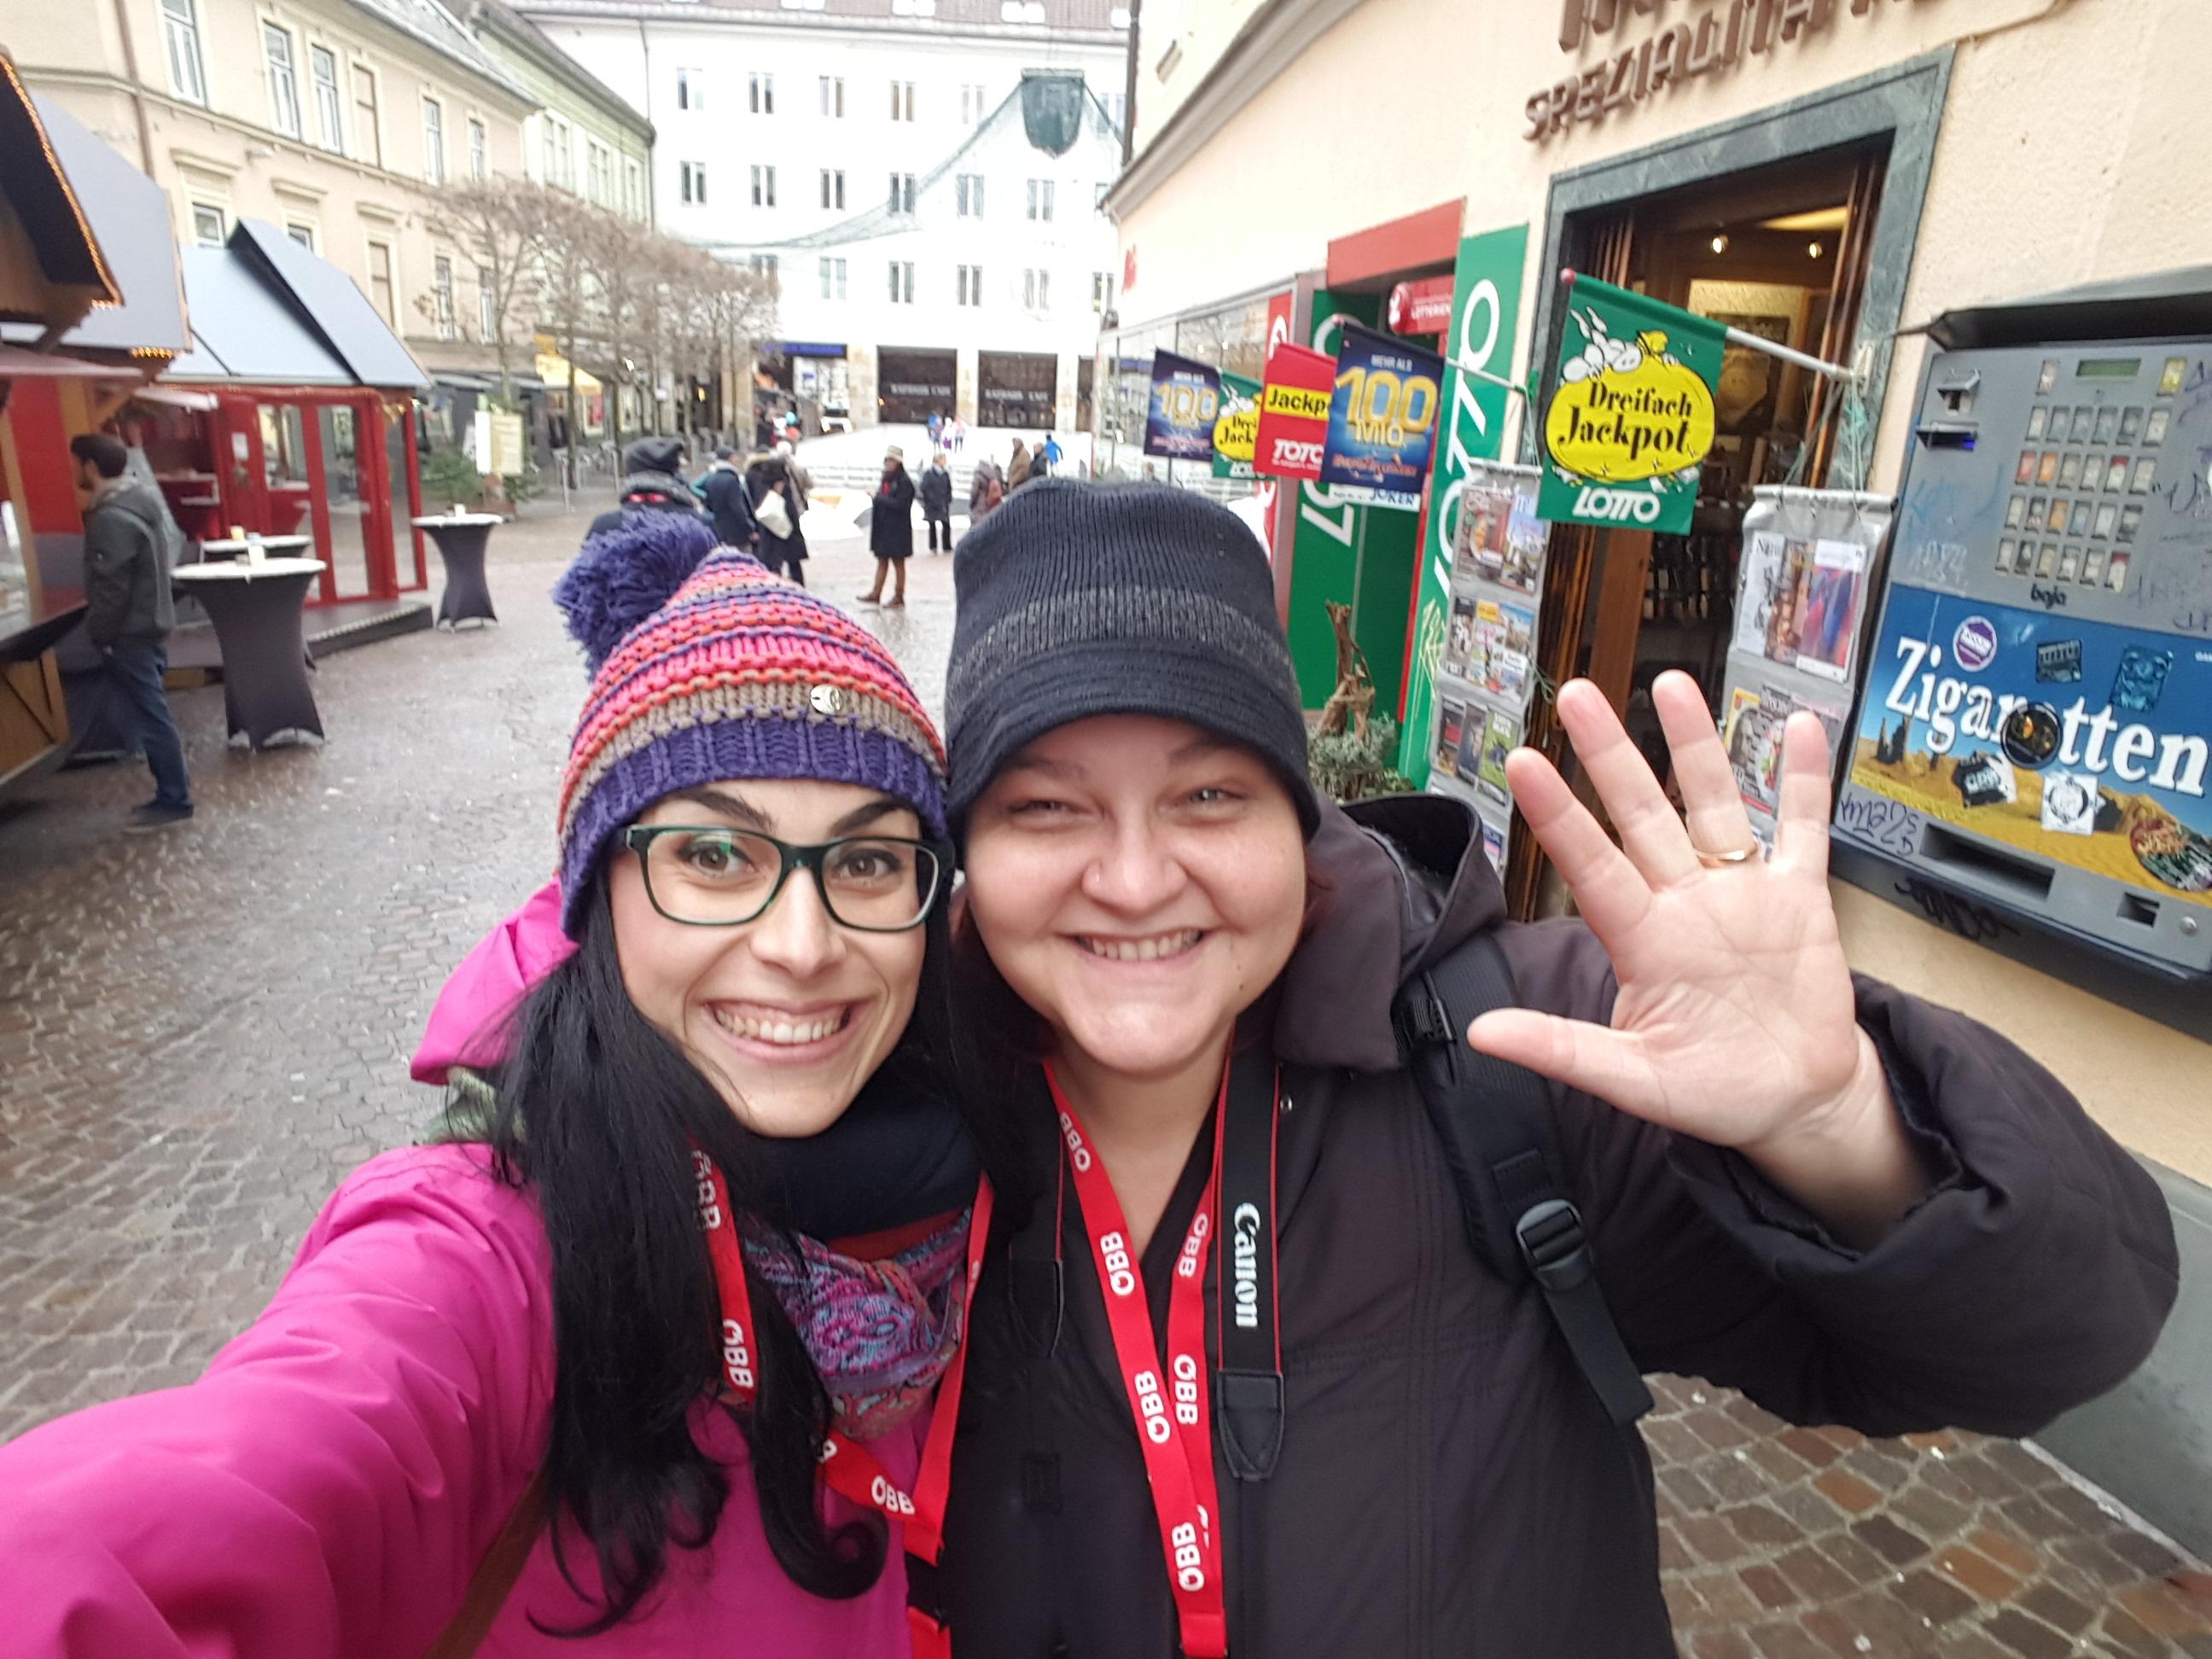 Valentina Gleria Scatto per Scatto Villach blogger come arrivare mercatini di Natale